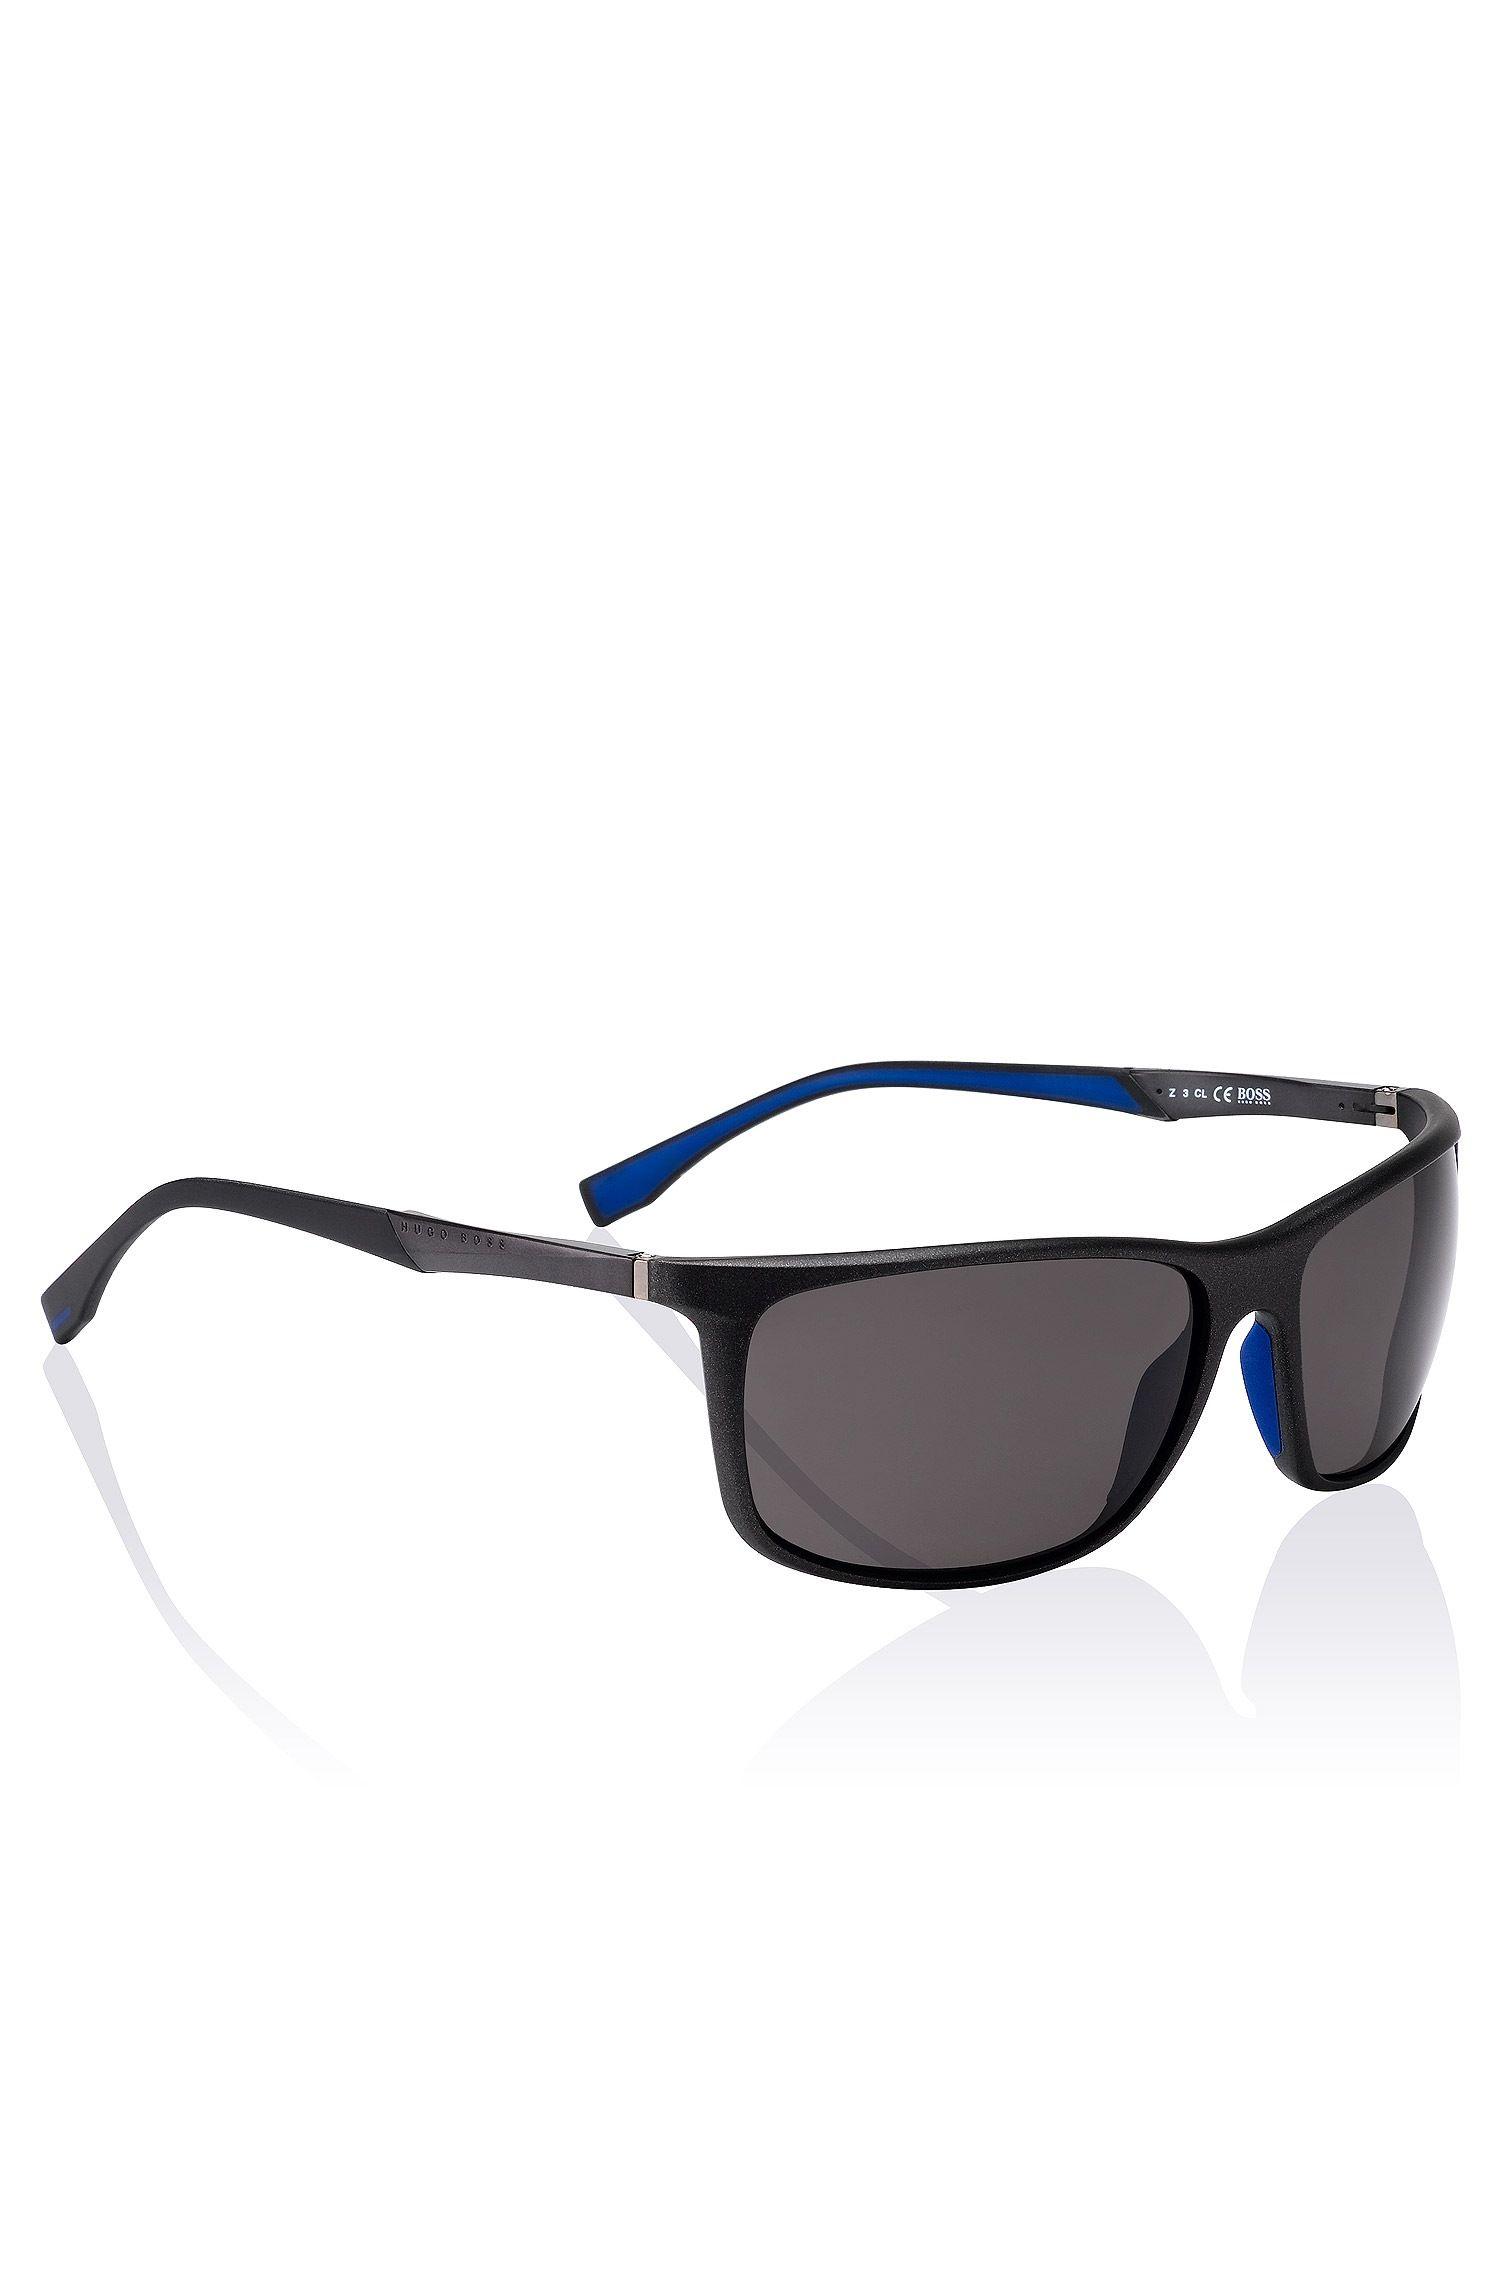 Sonnenbrille Men Boss 0707 P S Brille Sonnenbrille